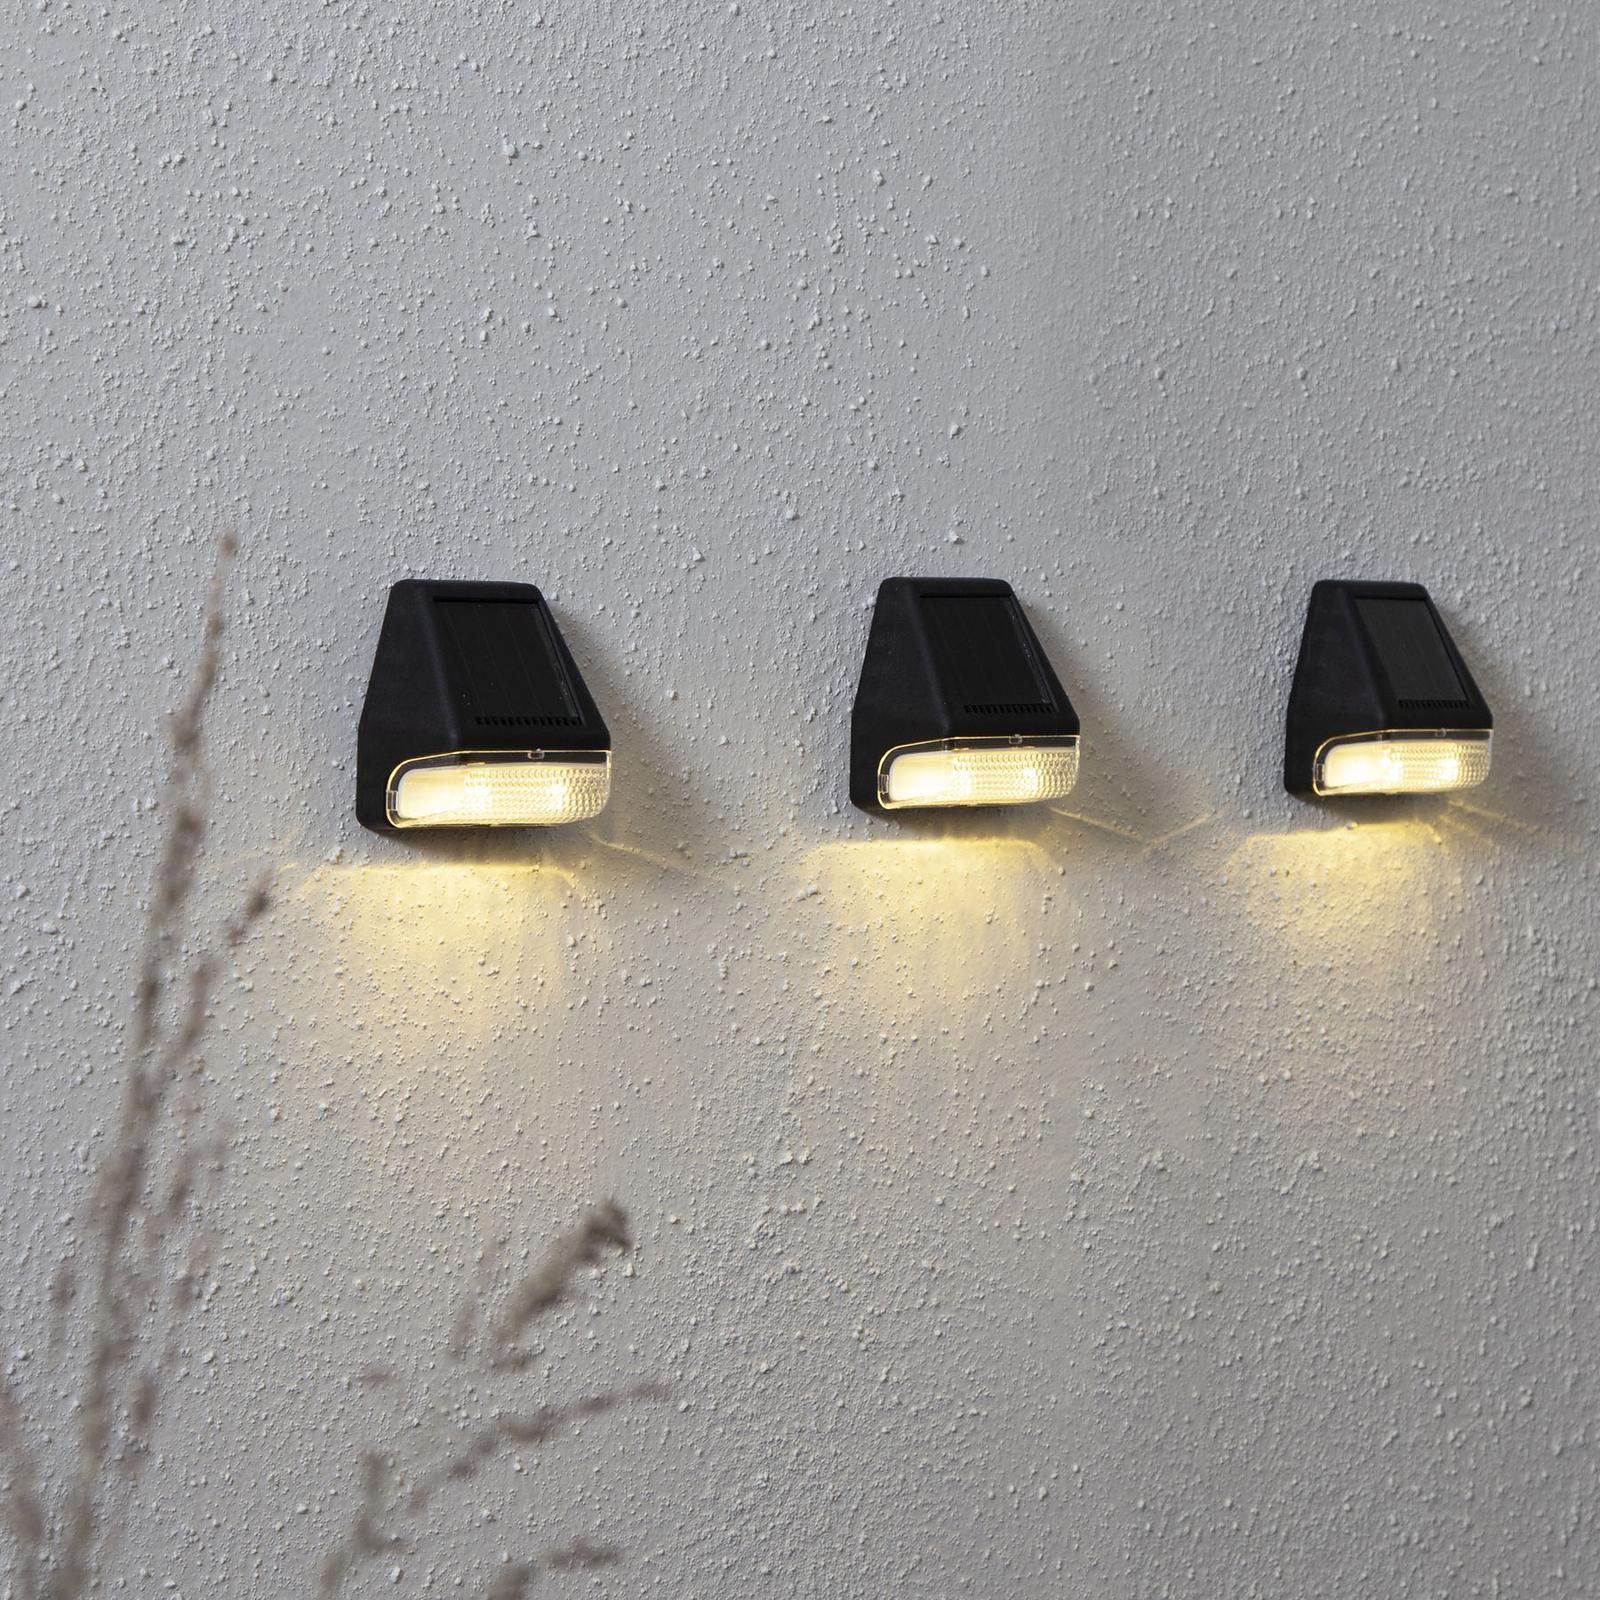 Wally Mini LED-væglampen med solcelle, sæt m 3 stk